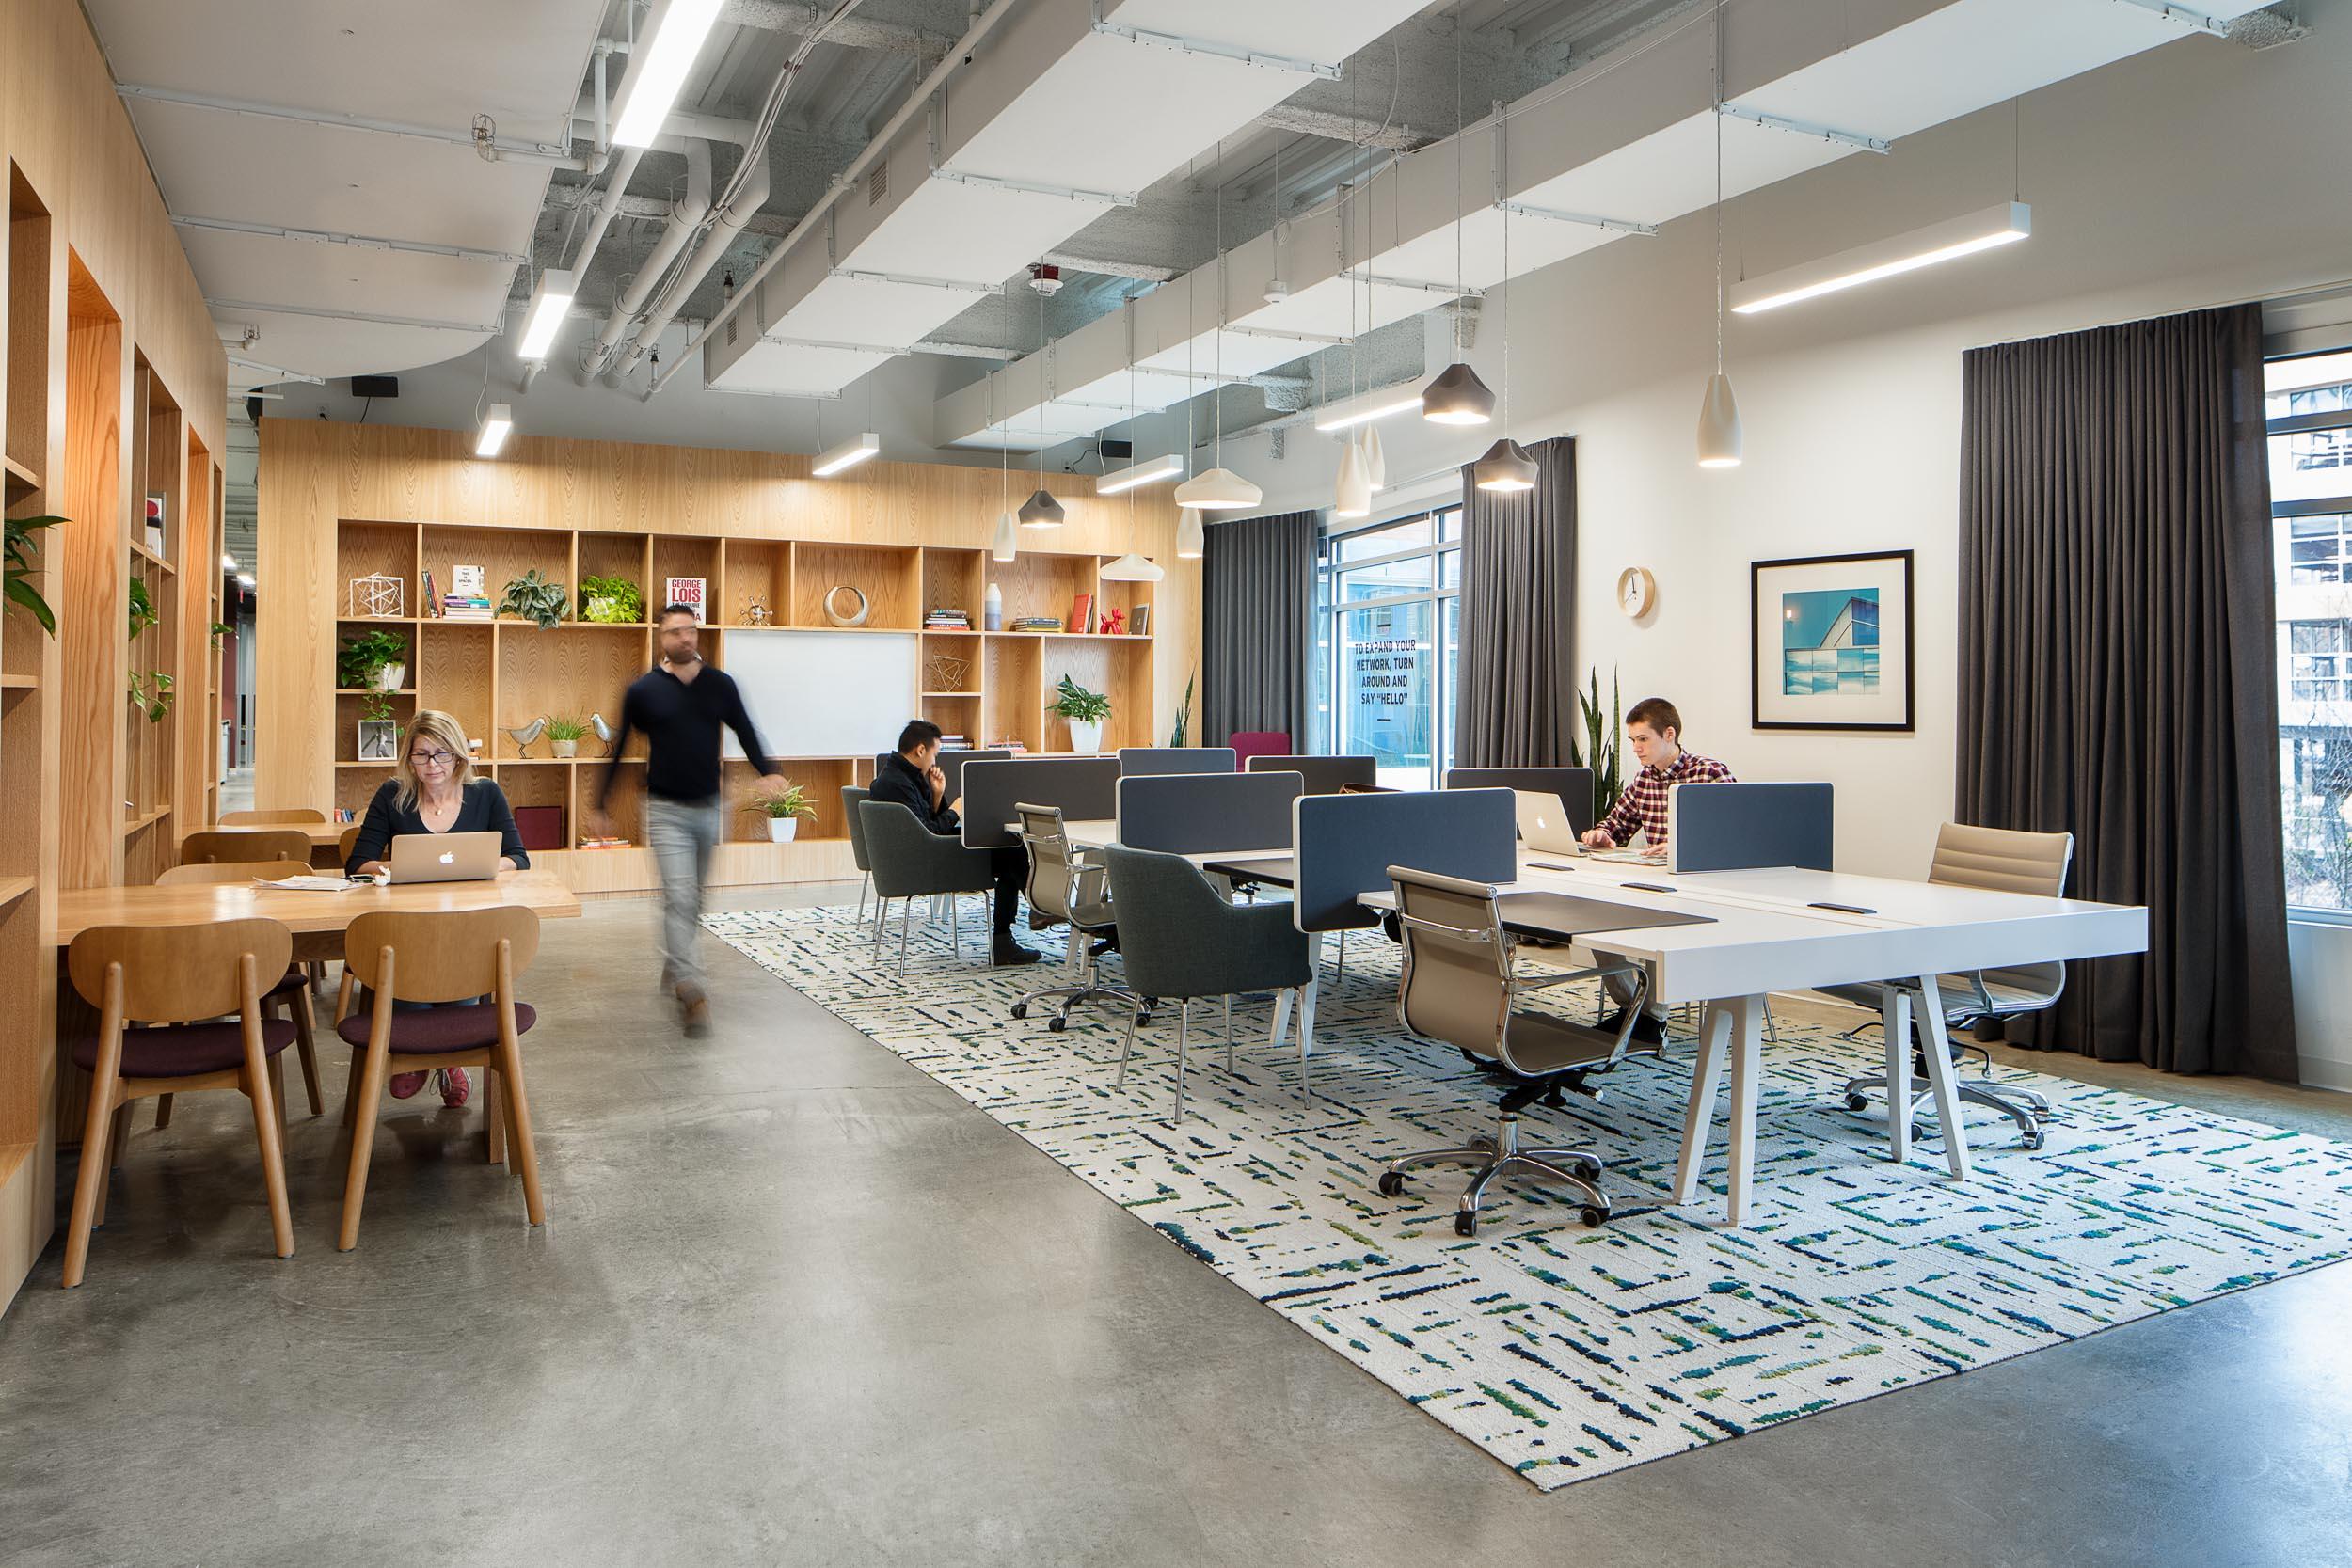 regus_spaces_office_workplace_coworking-7.jpg